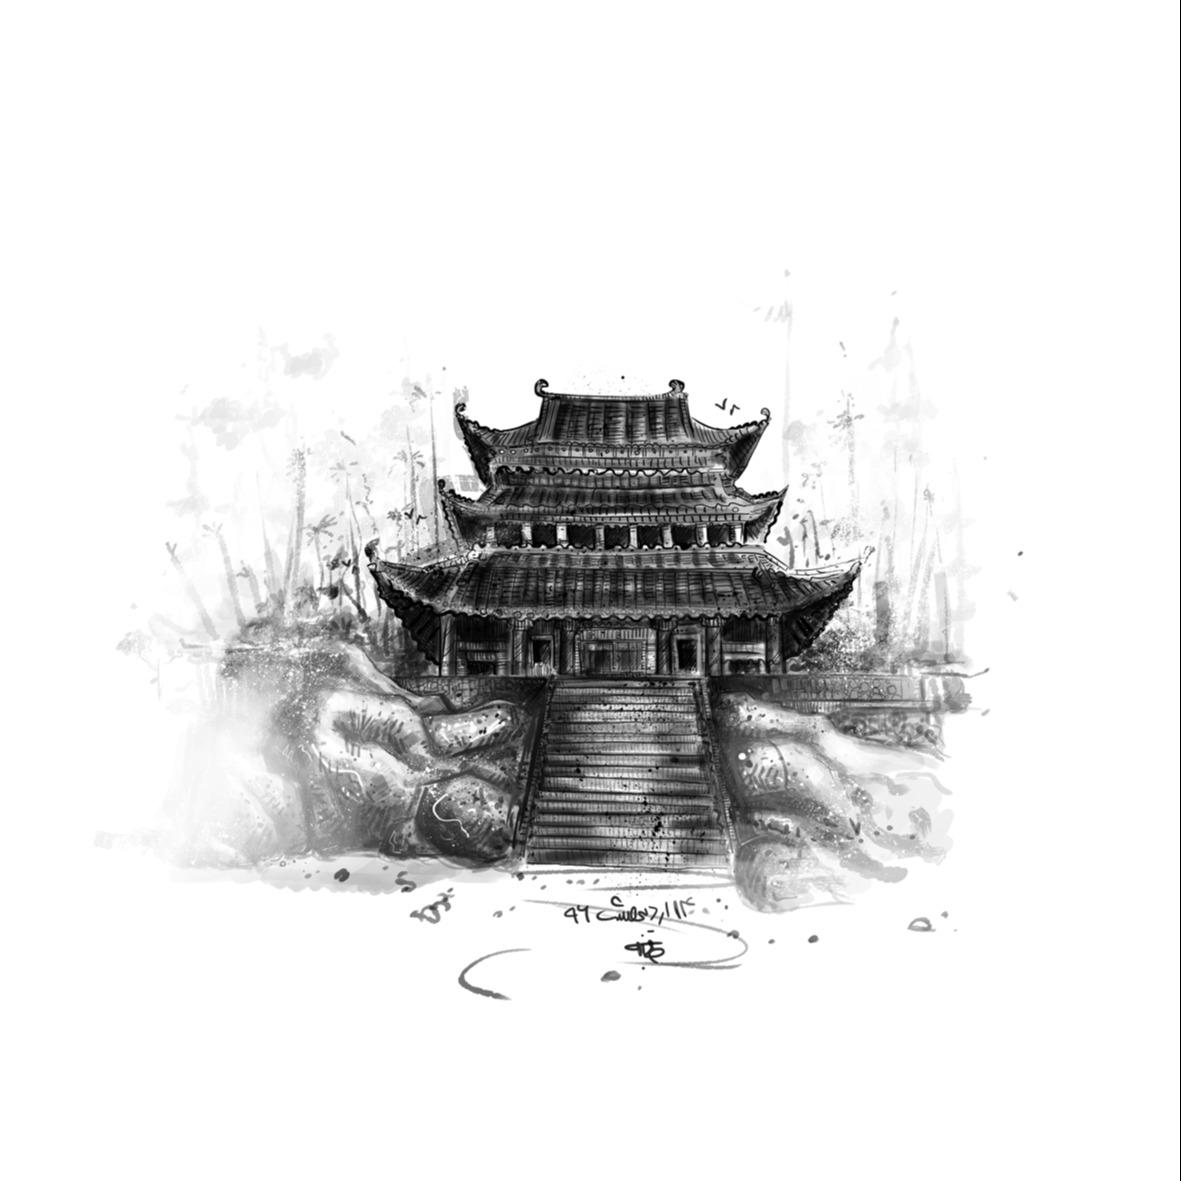 طراحی فضای آسیای شرقیَ